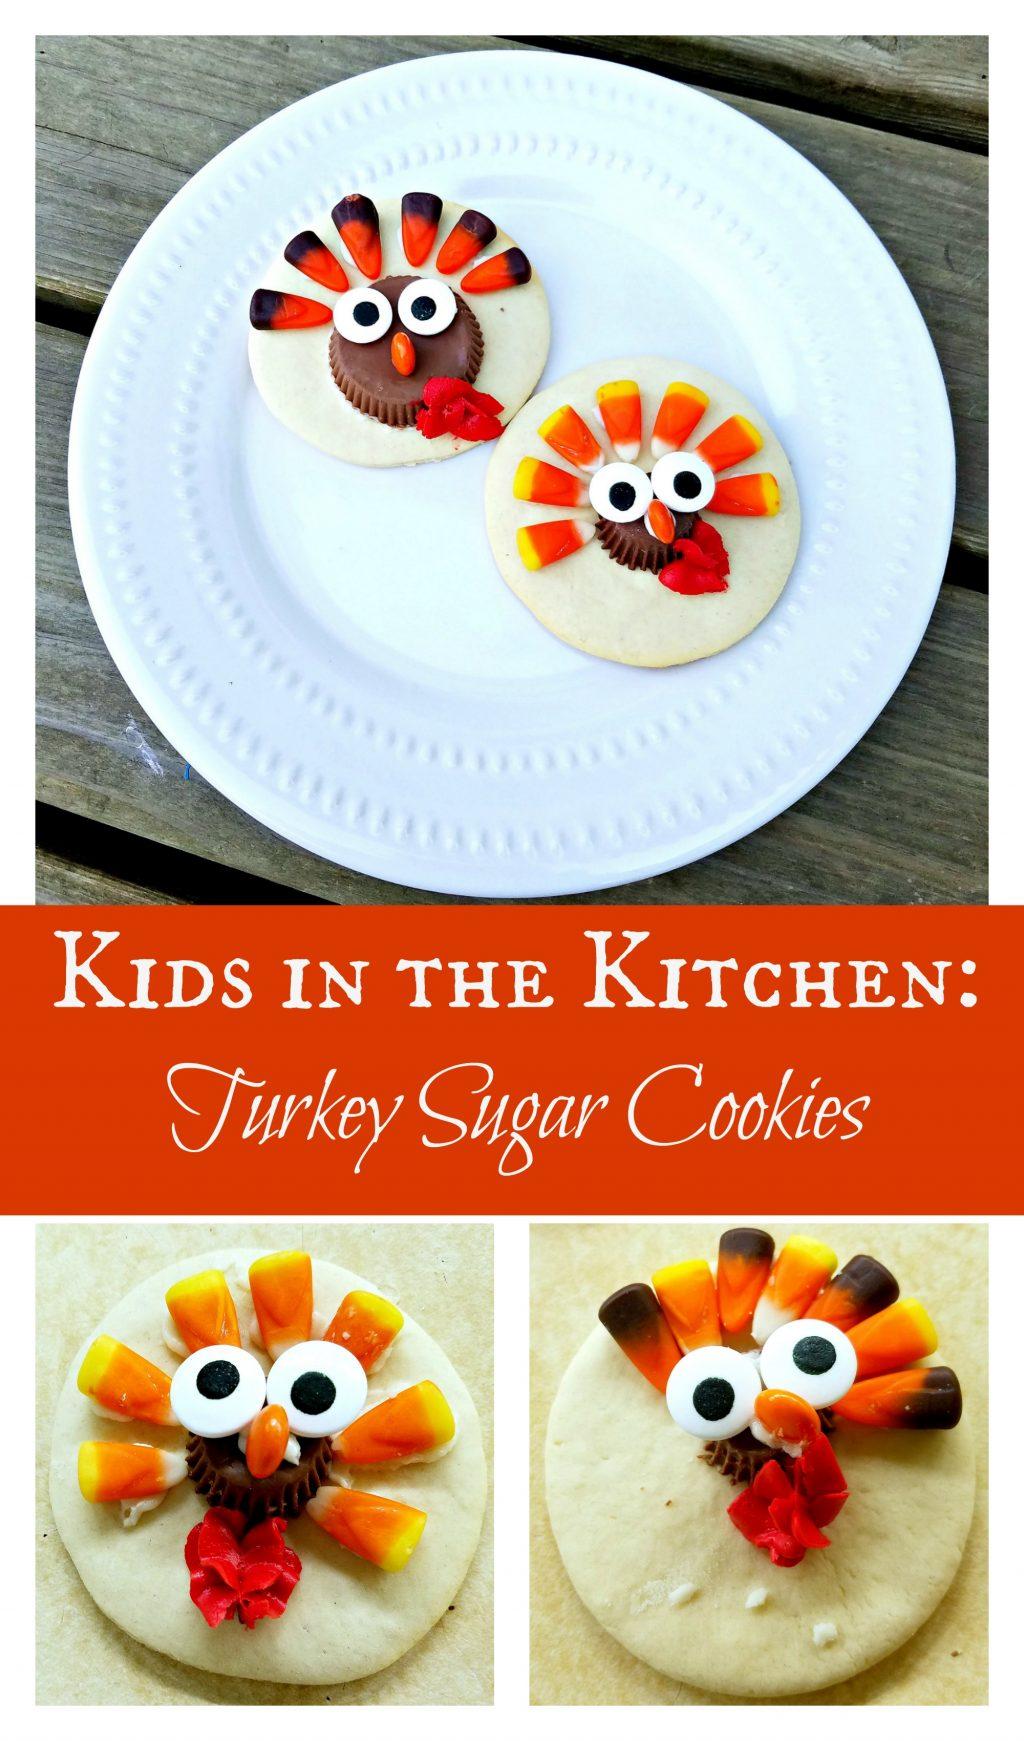 Sneak Peek: How to Make Turkey Sugar Cookies